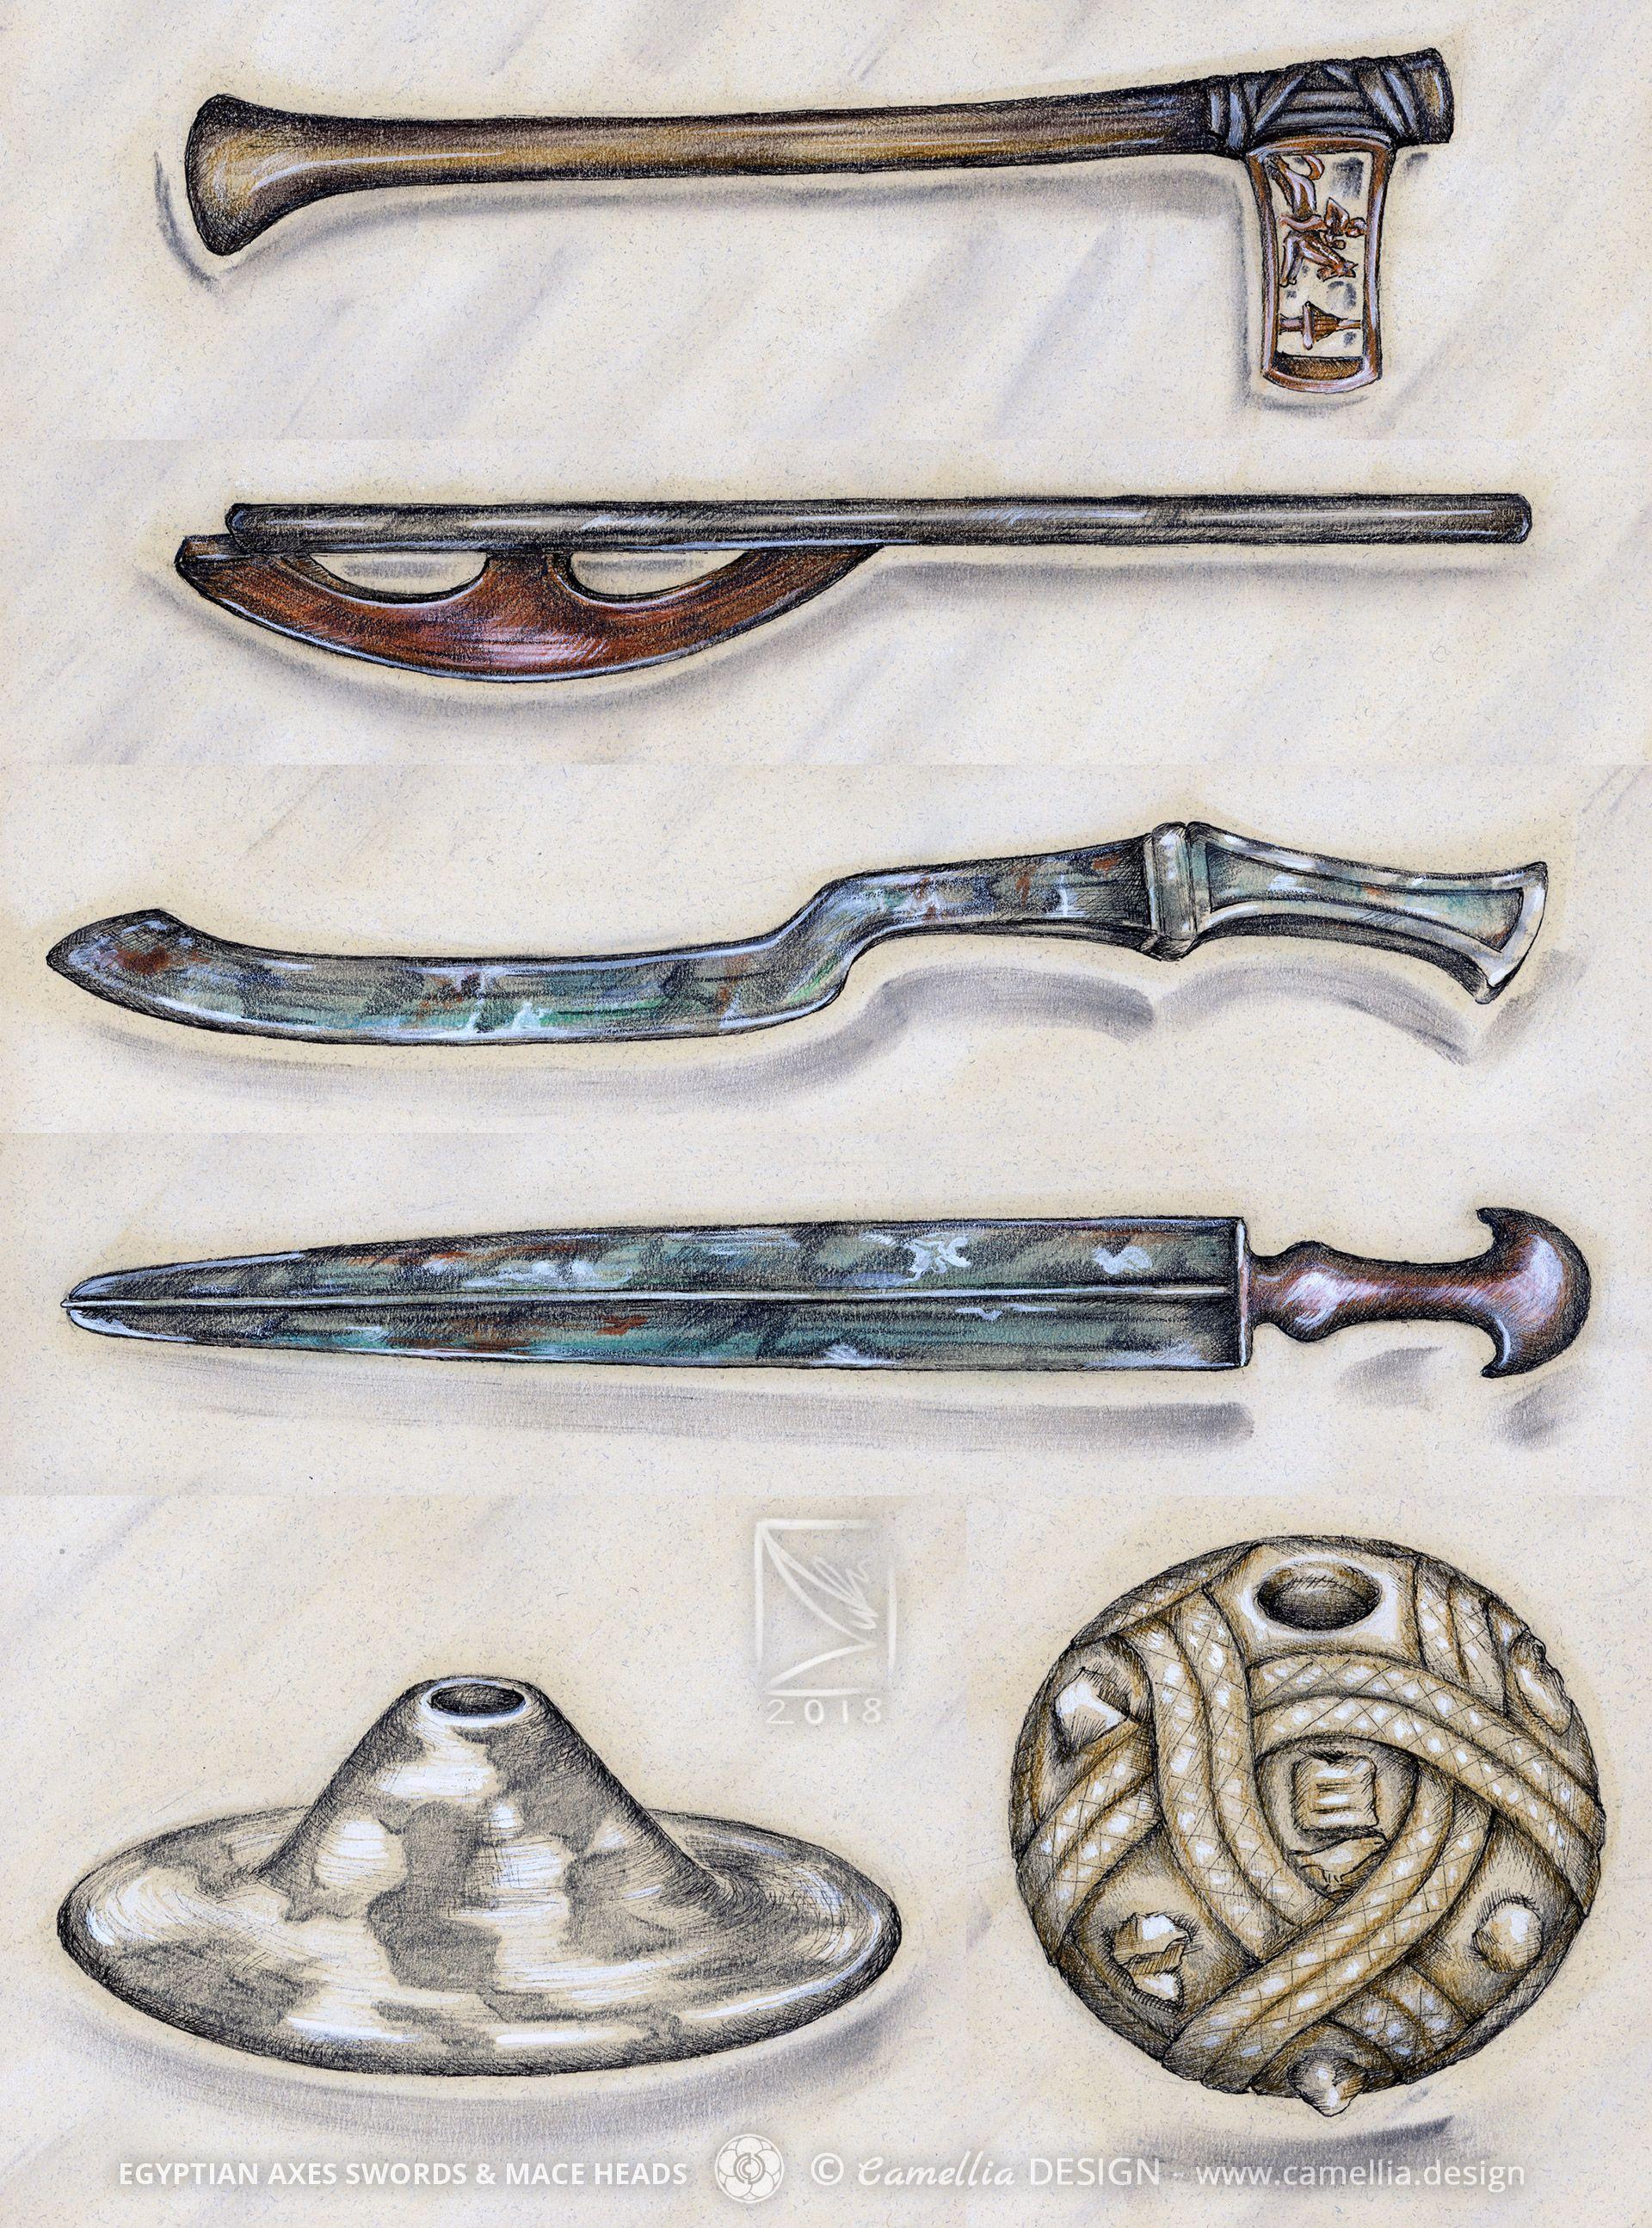 EGYPTIAN-AXES SWORDS & MACE HEADS